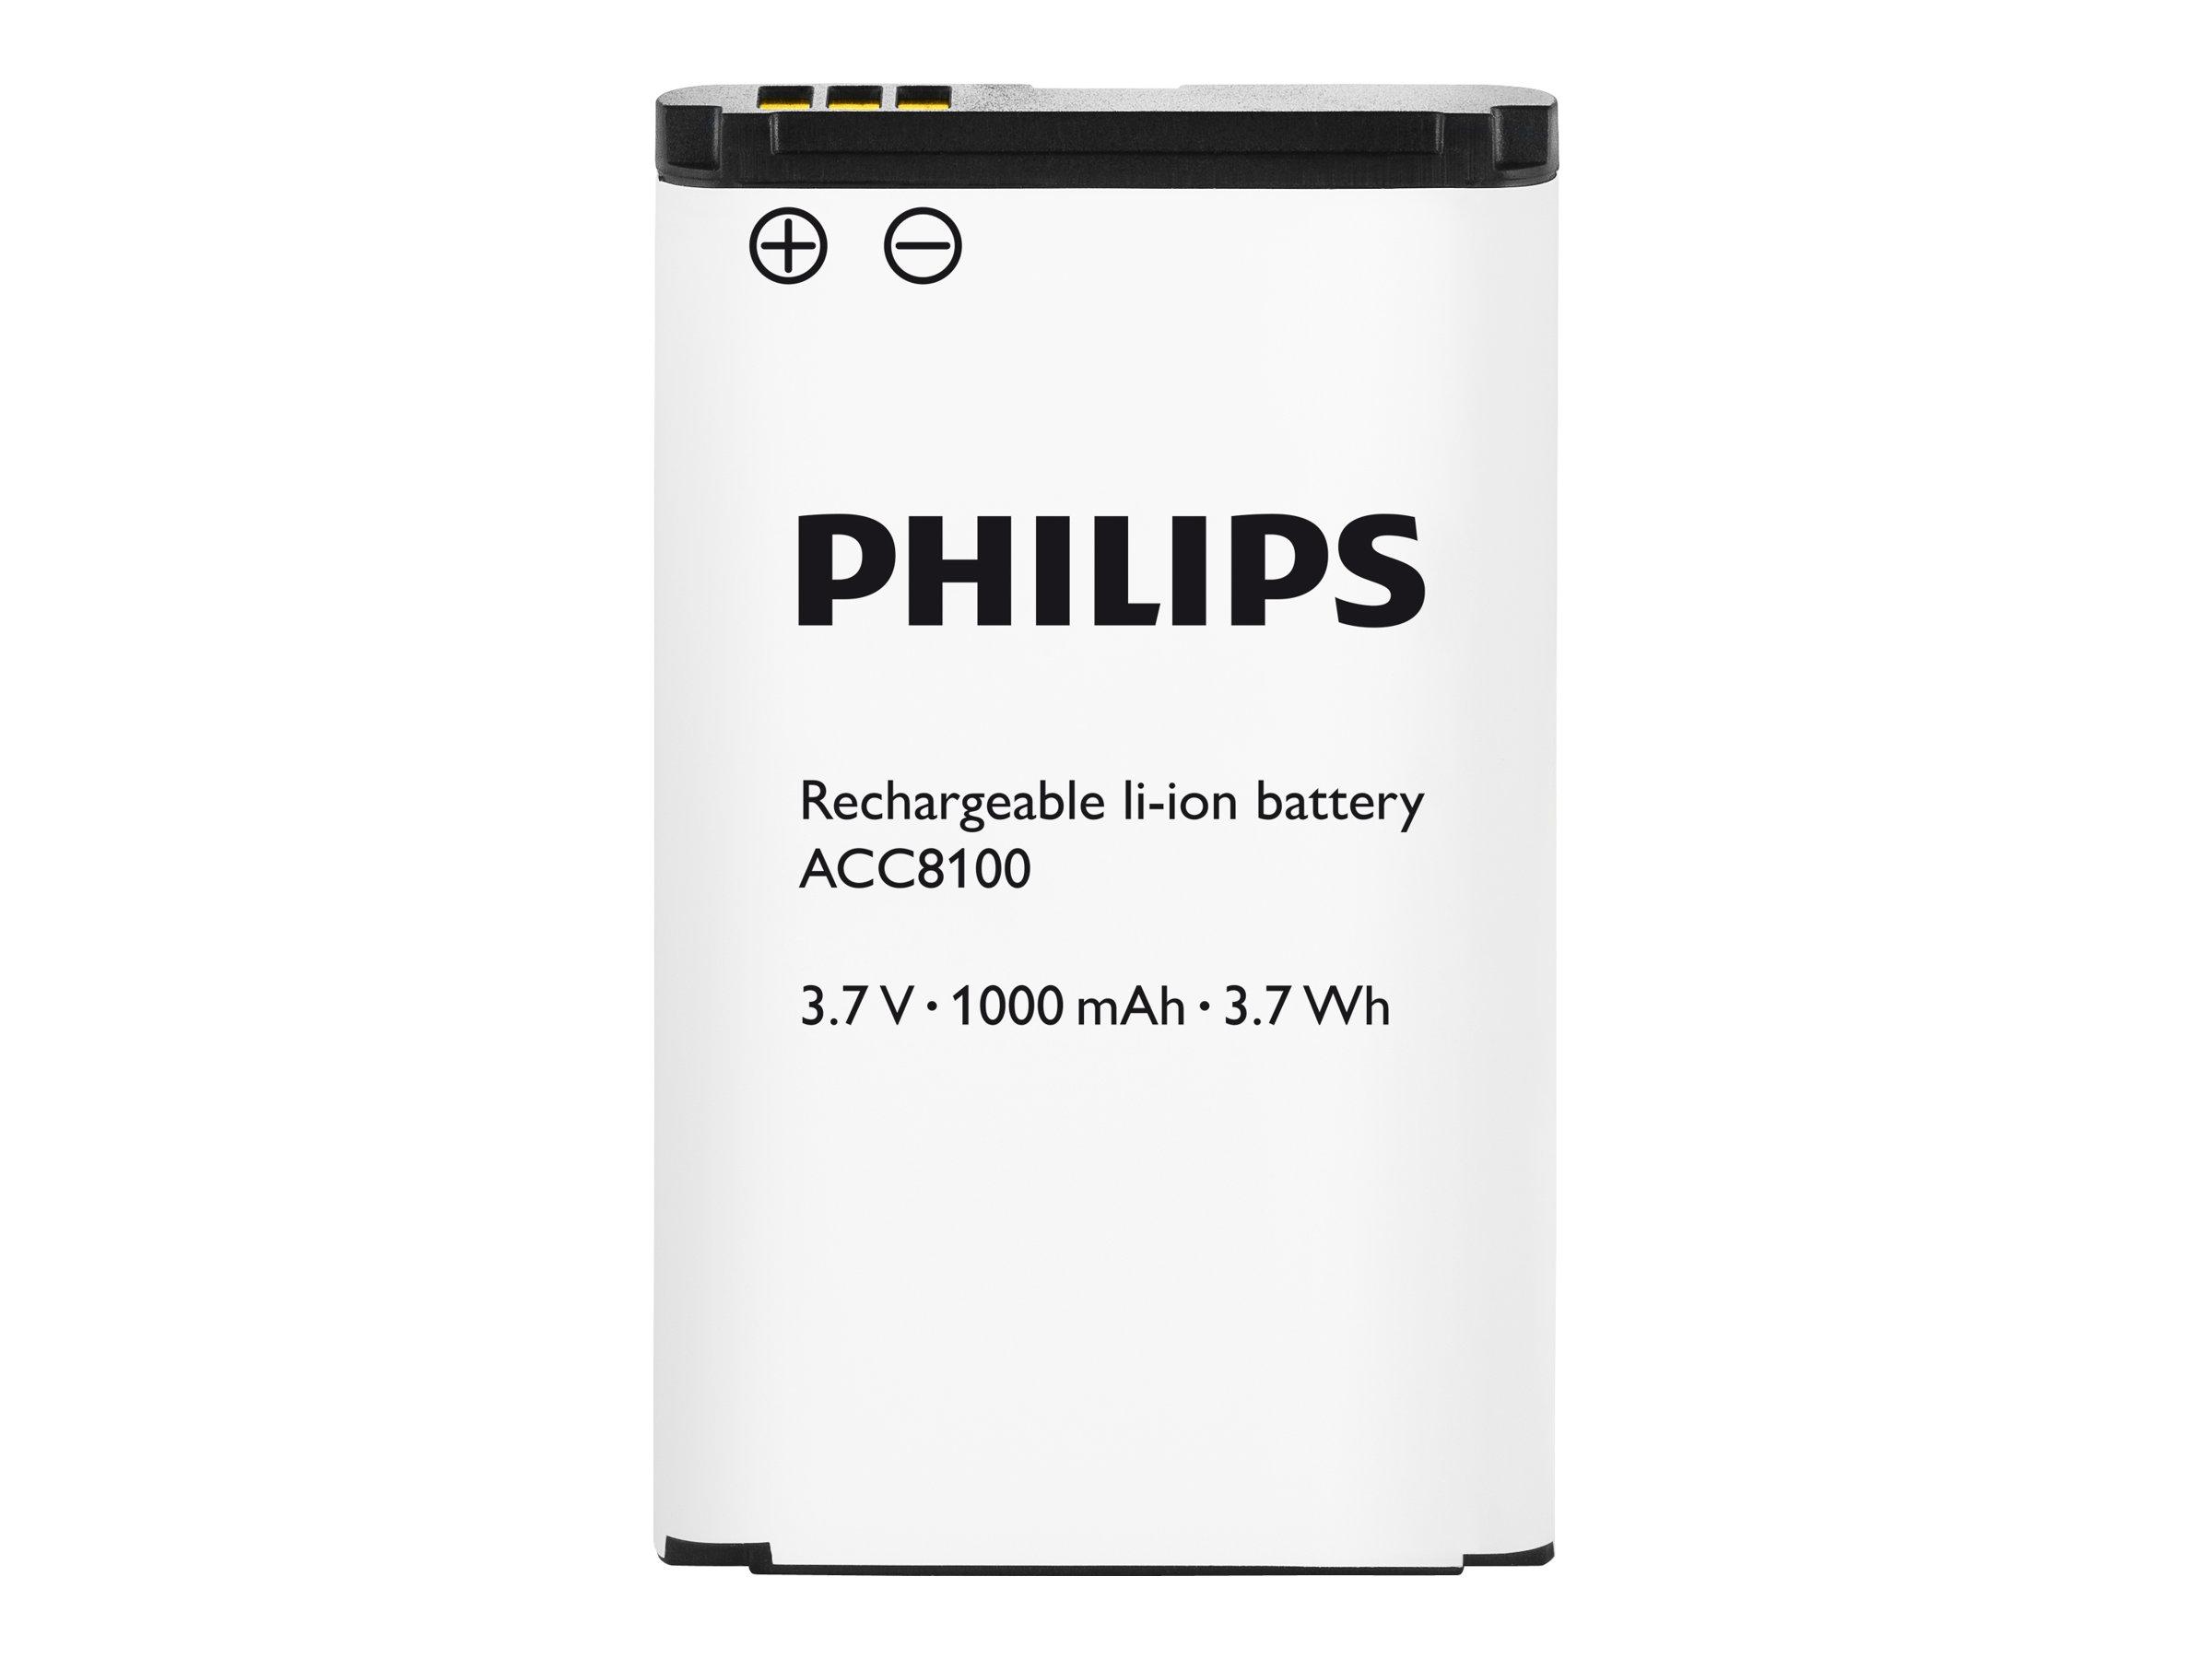 Philips ACC8100 - Batterie - Li-Ion - 1000 mAh - für Pocket Memo DPM8000